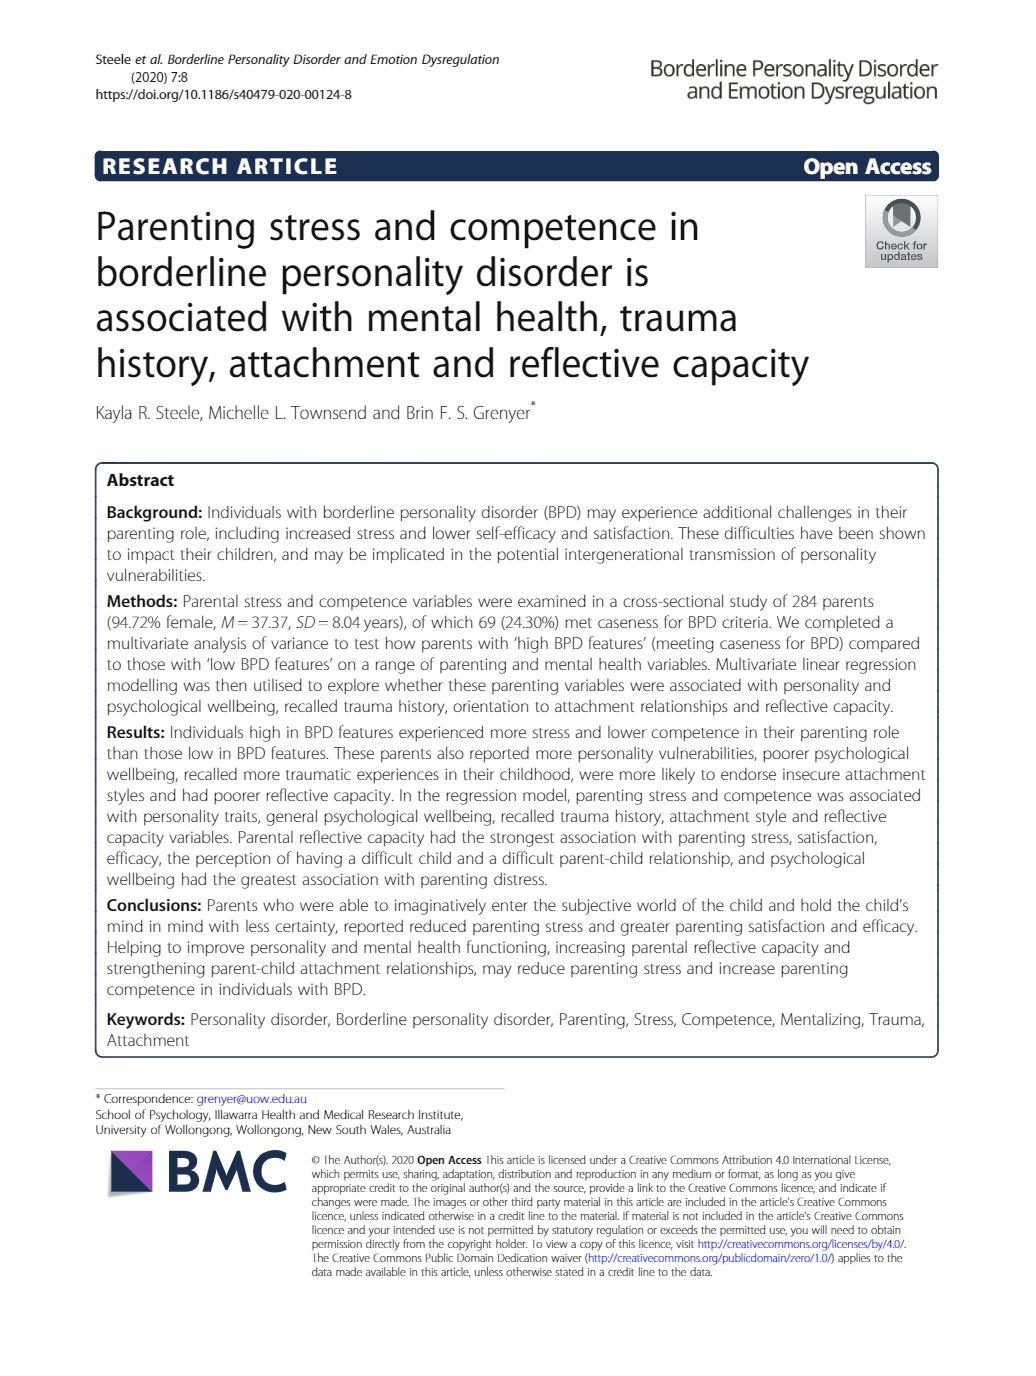 Parenting & BPD